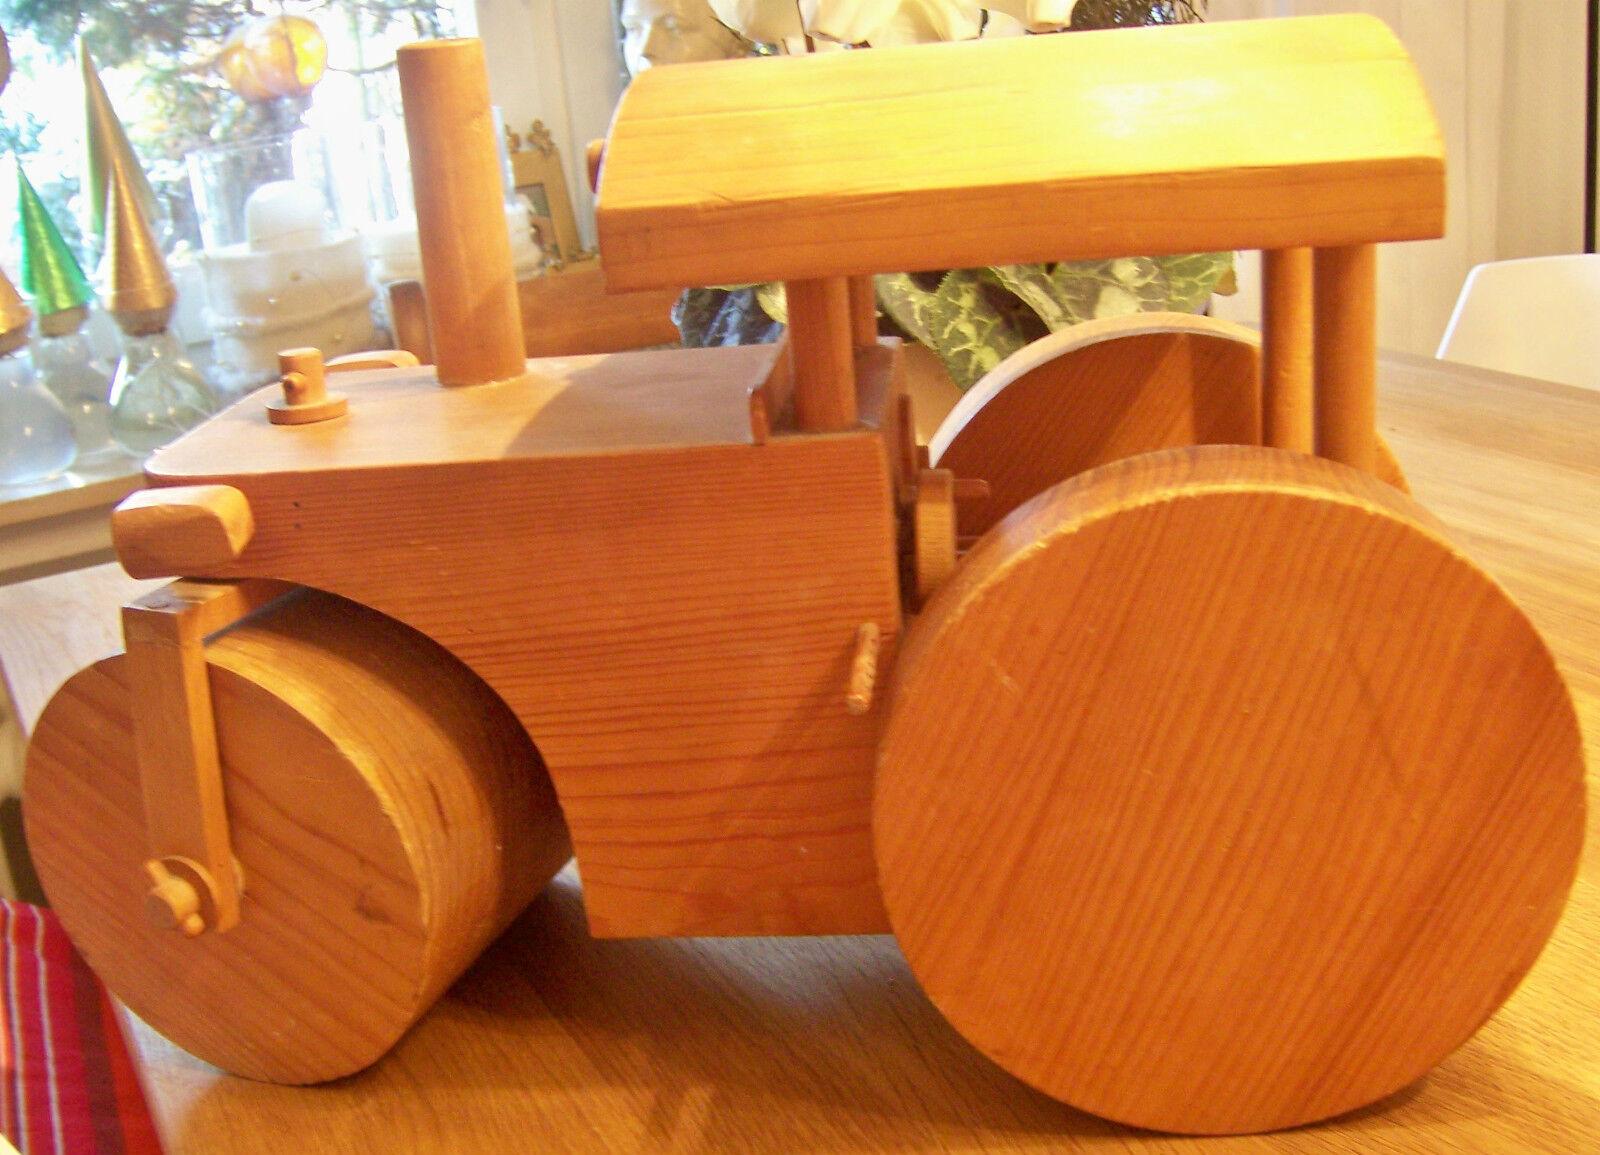 Dampfwalze aus Holz,Holzspielzeug, Handarbeit, massiv,Deko Objekt Geschenk